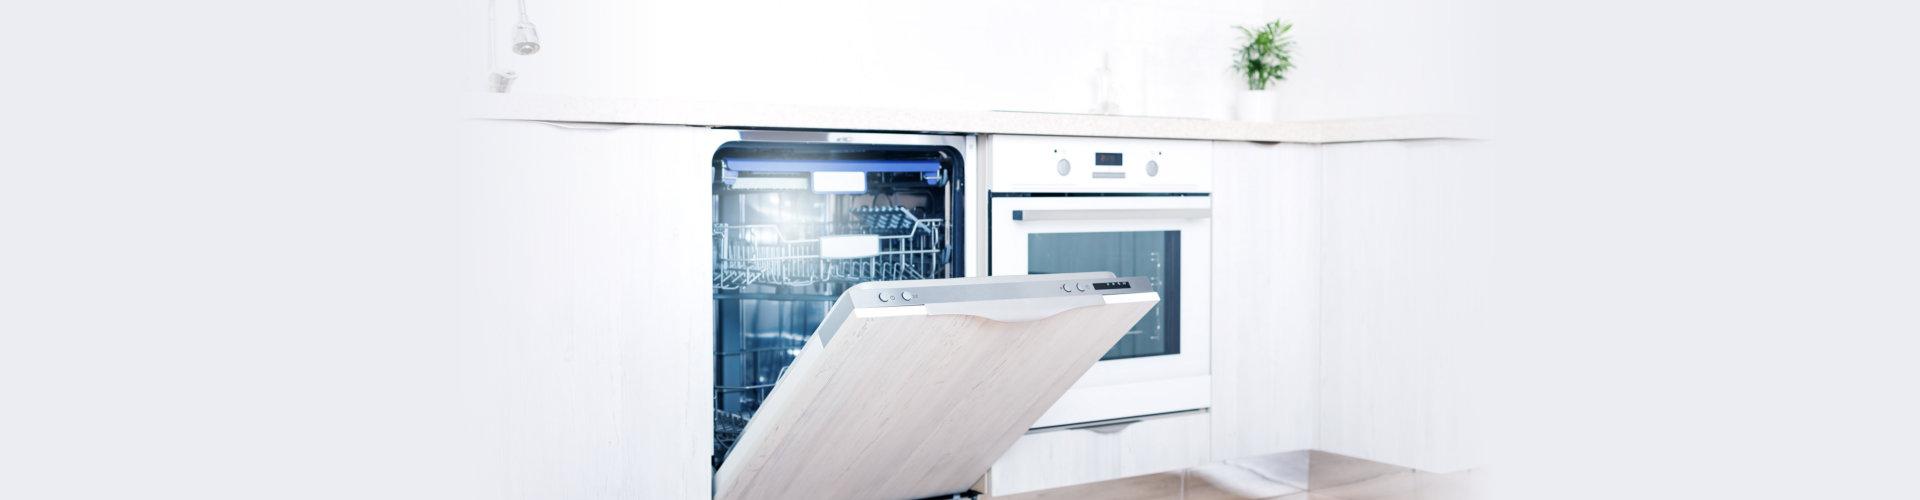 home appliance dishwashing machine in kitchen interior